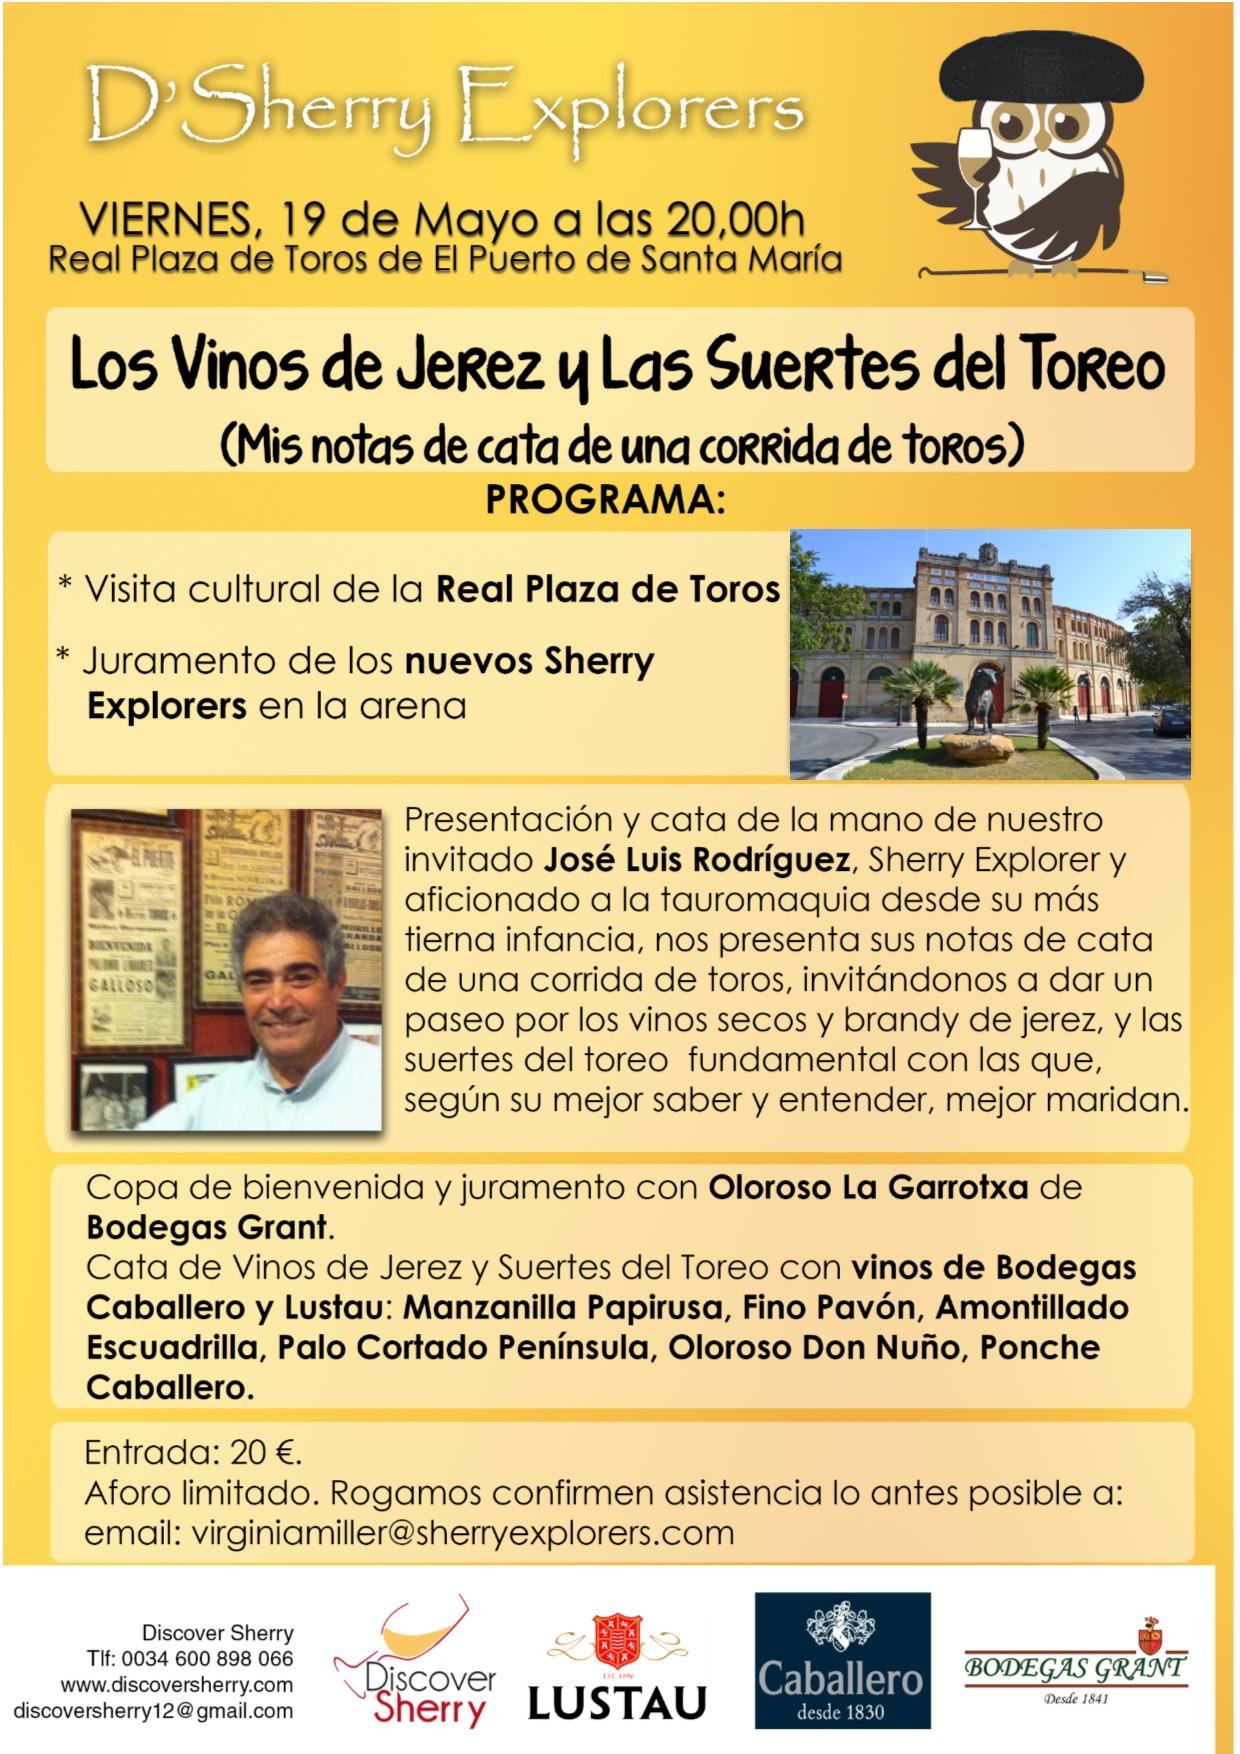 Los Vinos de Jerez y las Suertes delToreo.